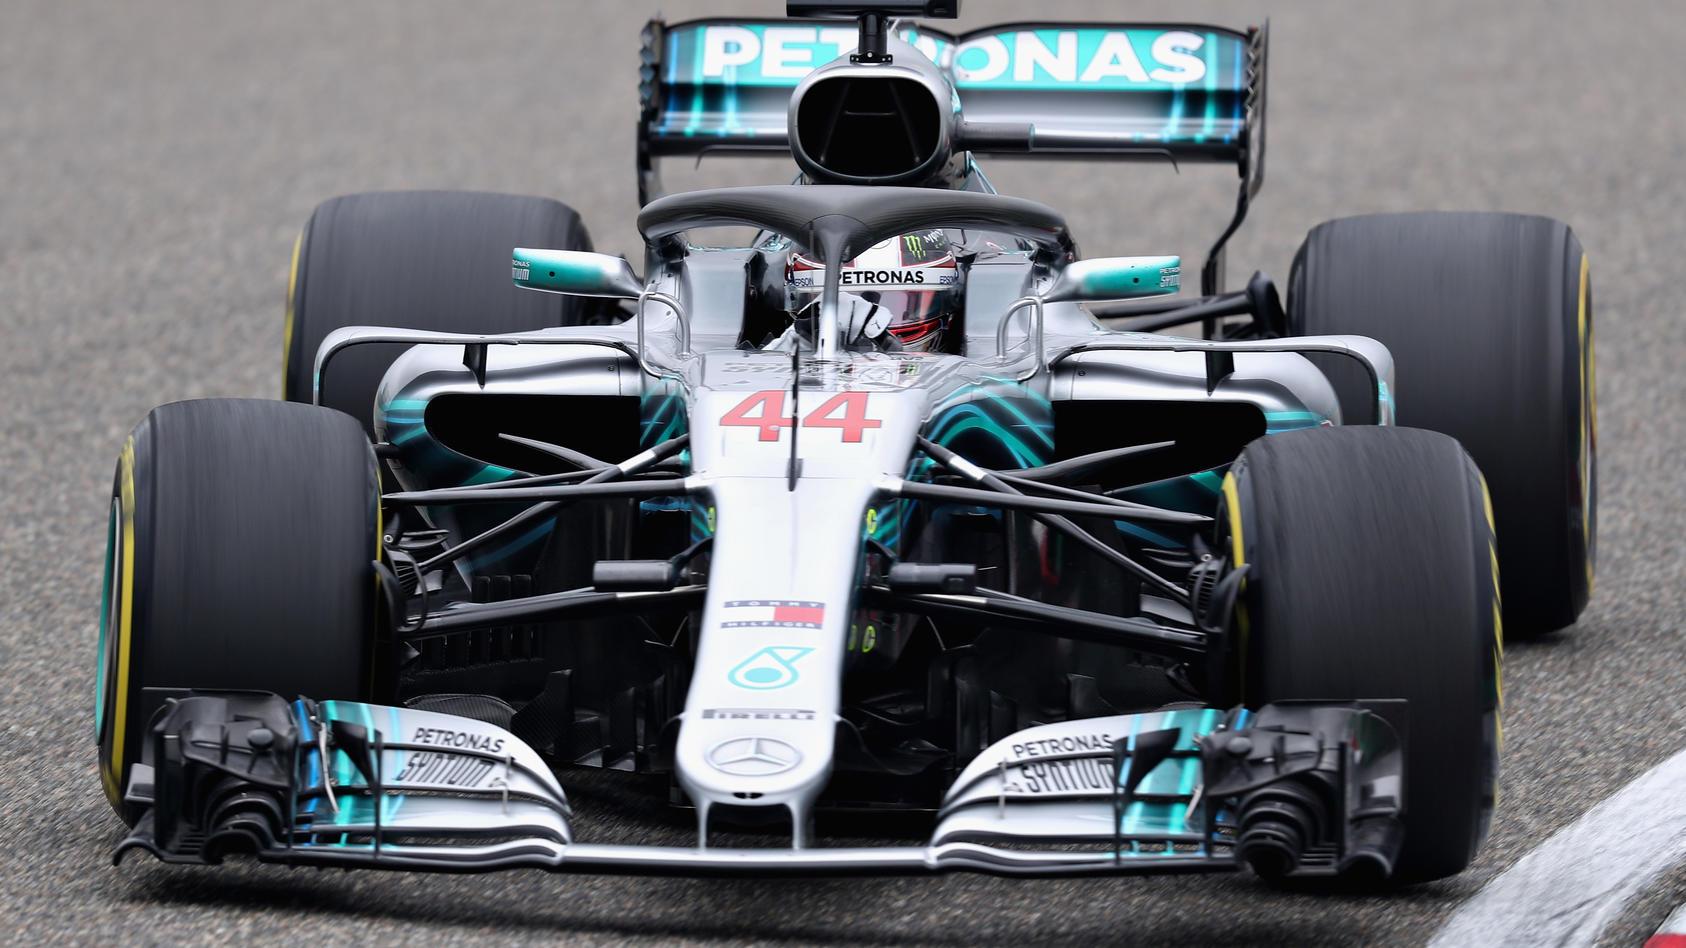 Lewis Hamiltons bisheriger Streckenrekord aus dem Vorjahr wurde gleich viermal geknackt - unter anderem auch von ihm selbst.